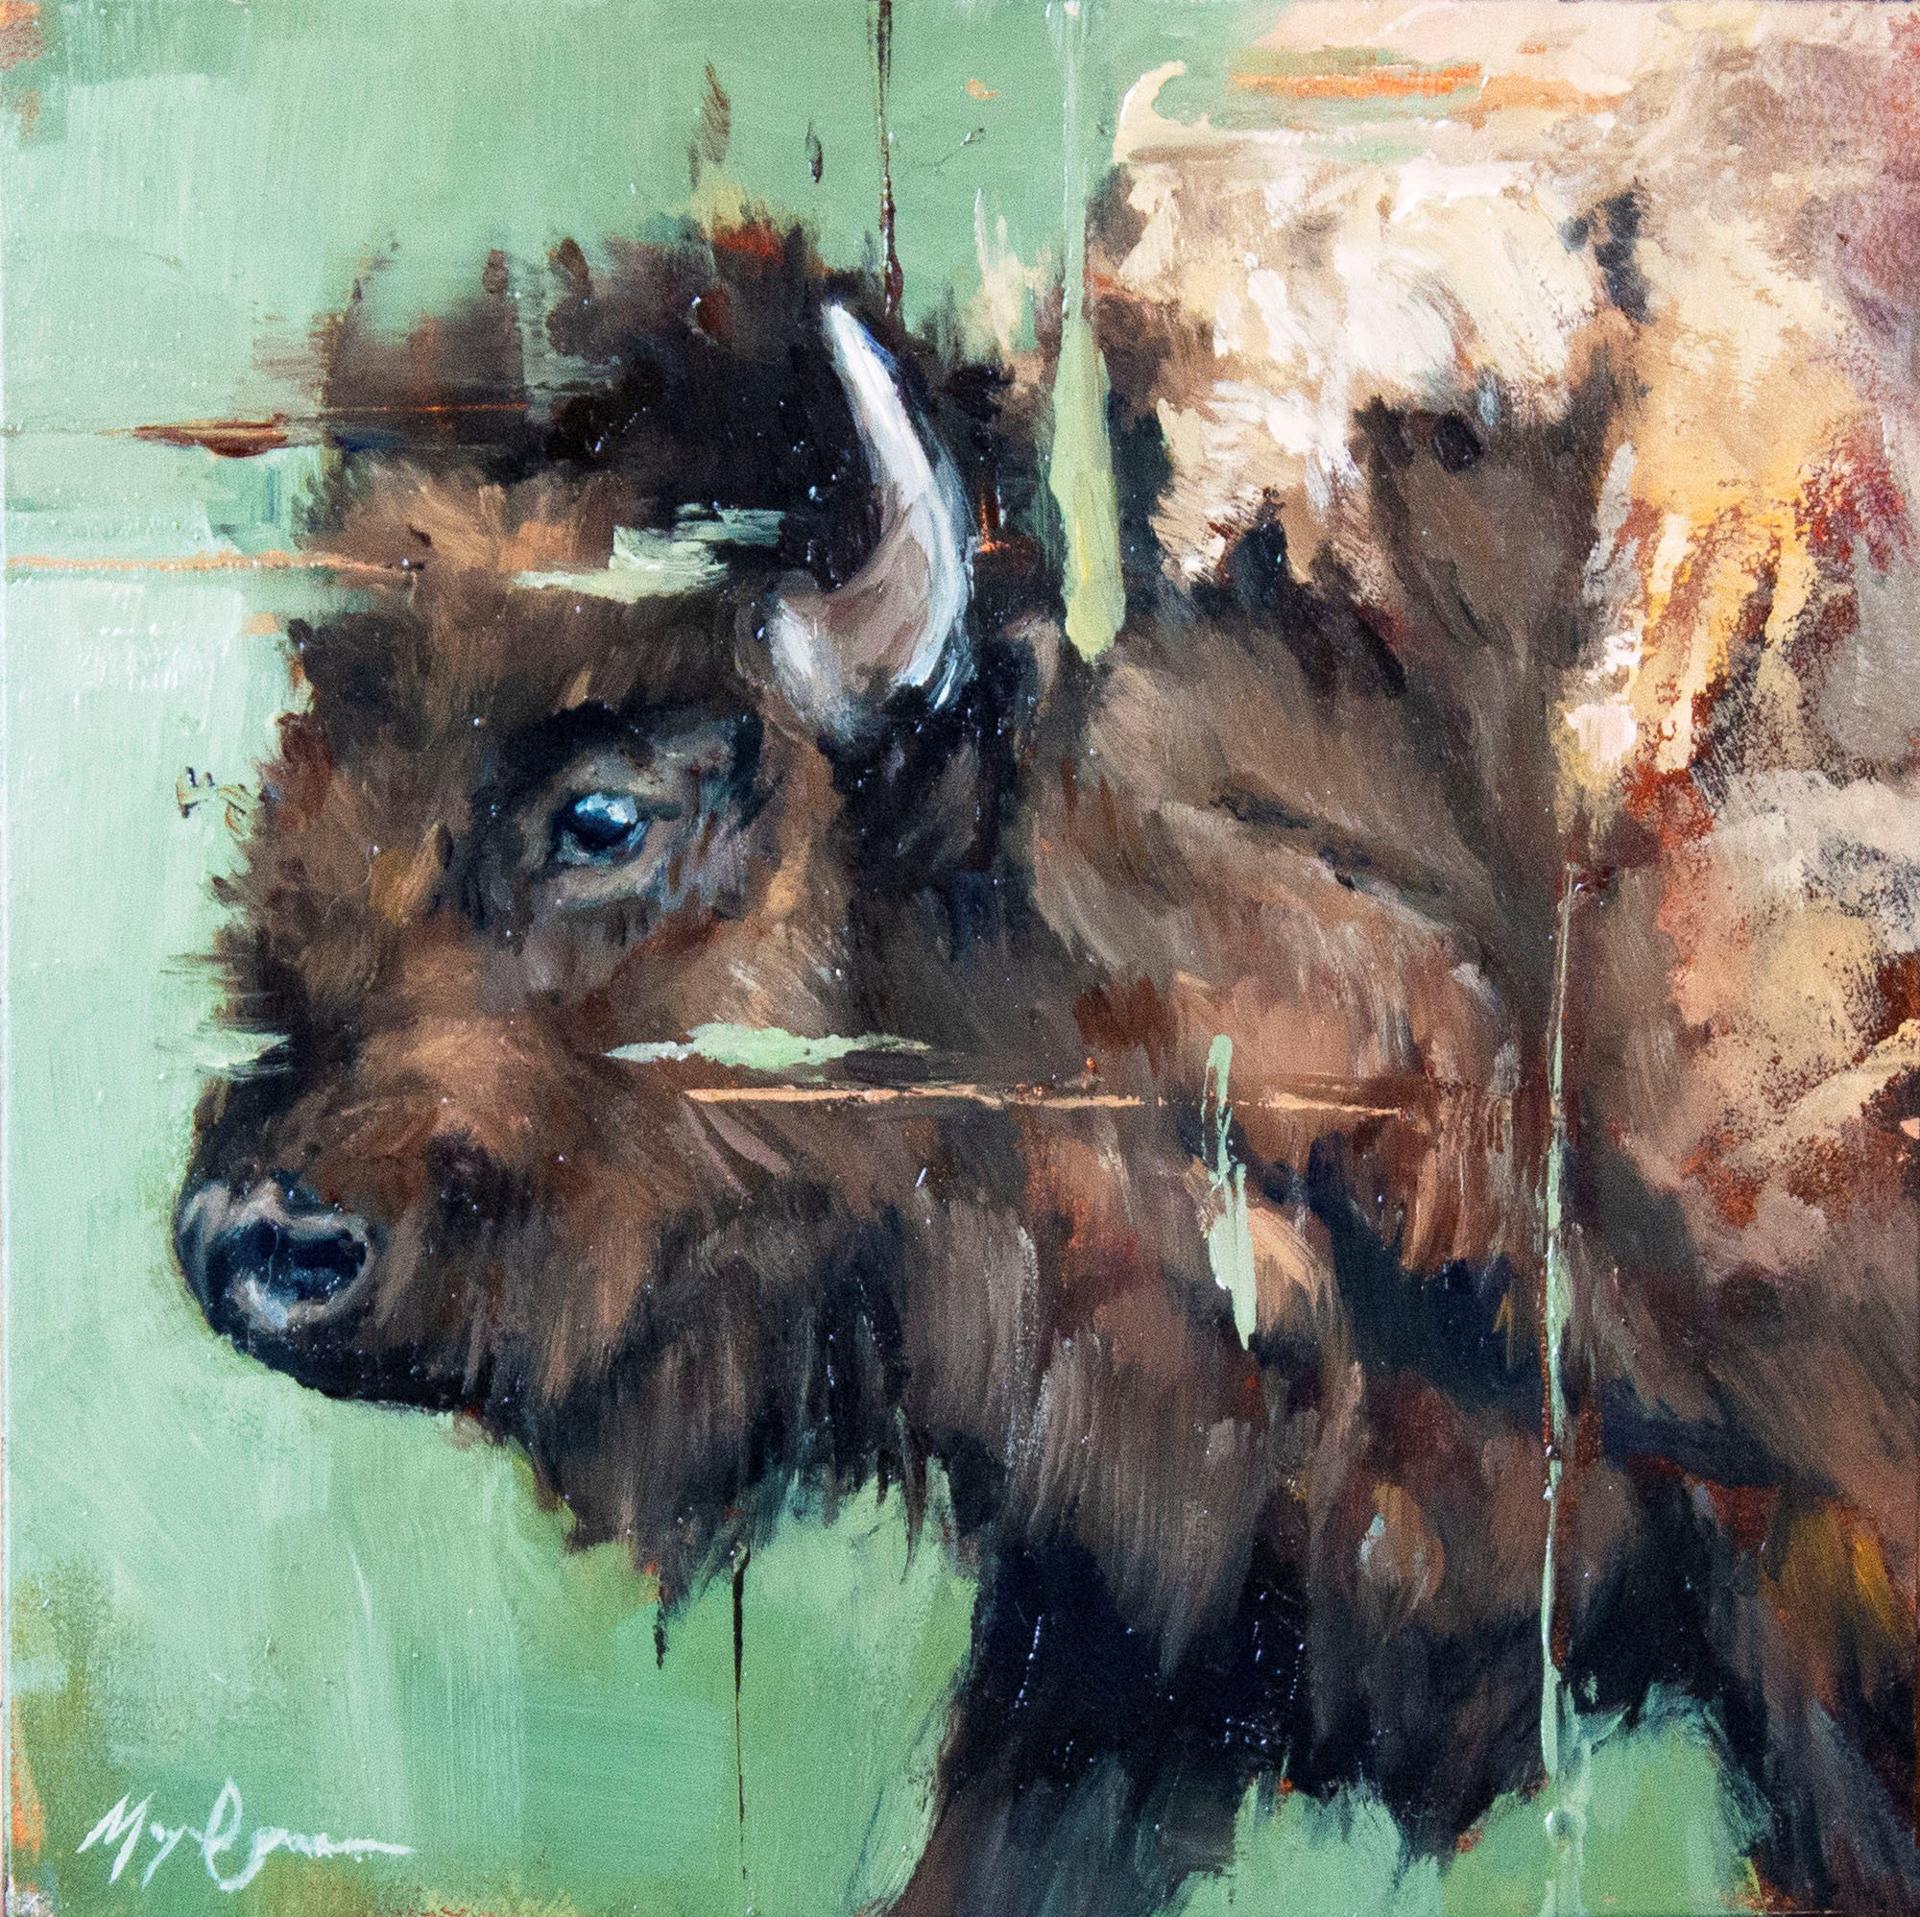 Summer Bison Cow by Morgan Cameron